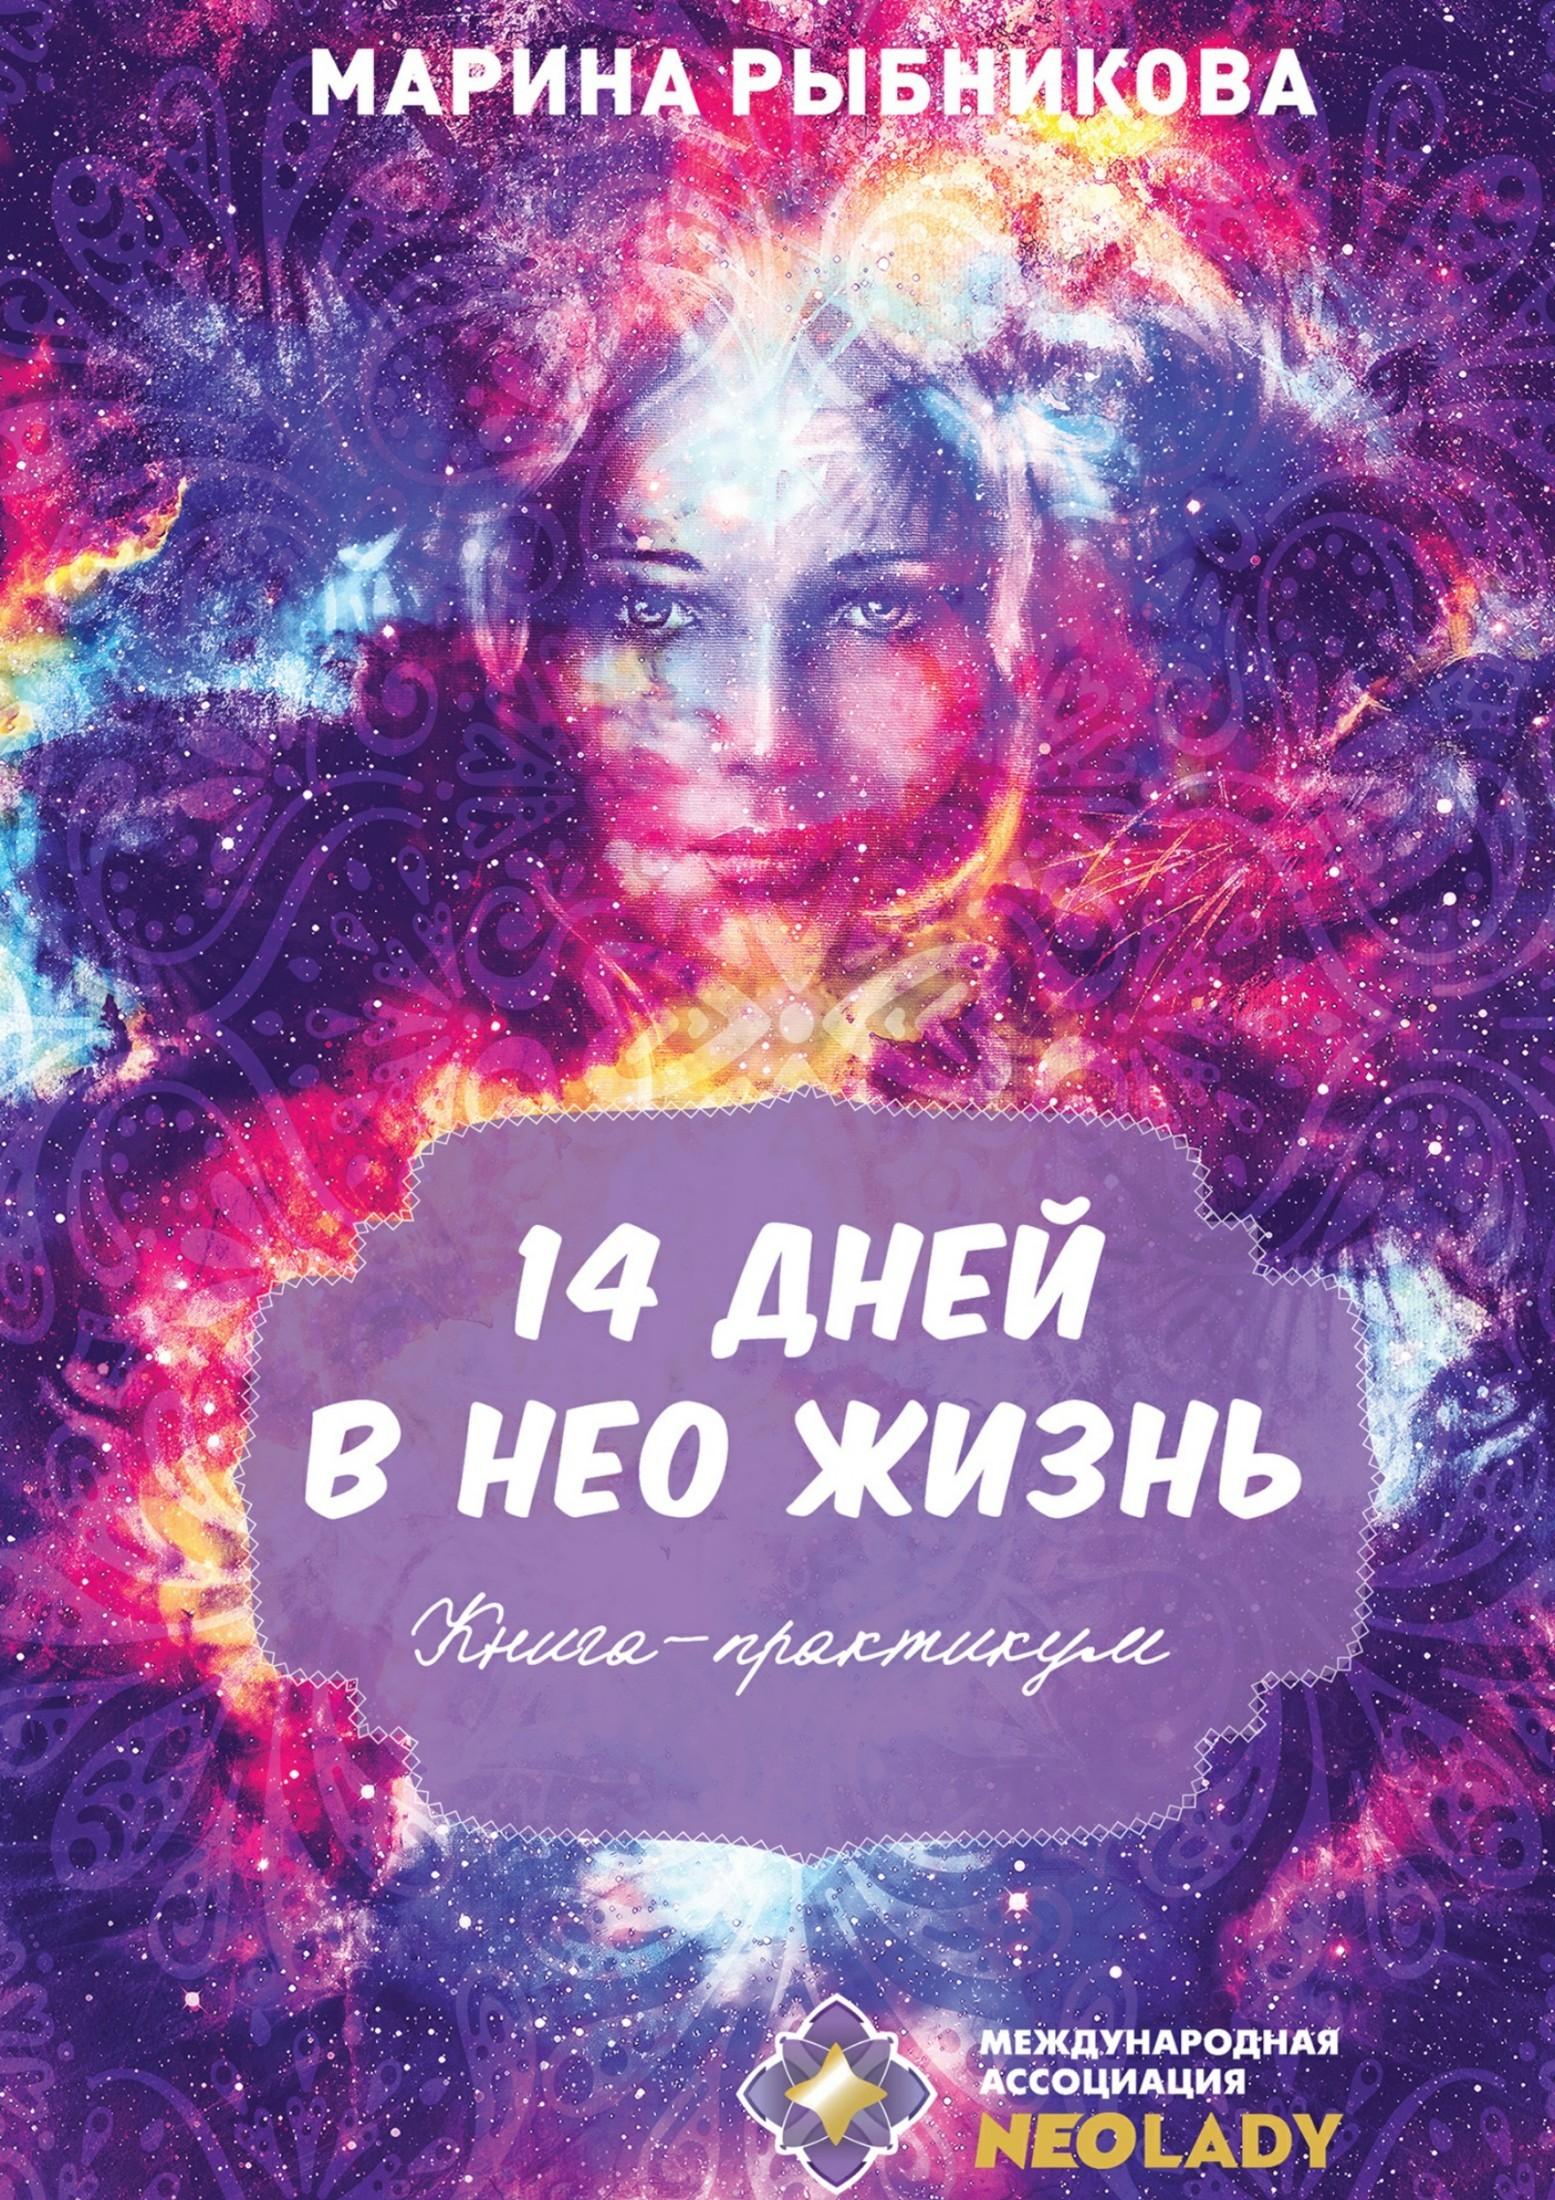 Марина Рыбникова. 14 дней в НЕО жизнь!